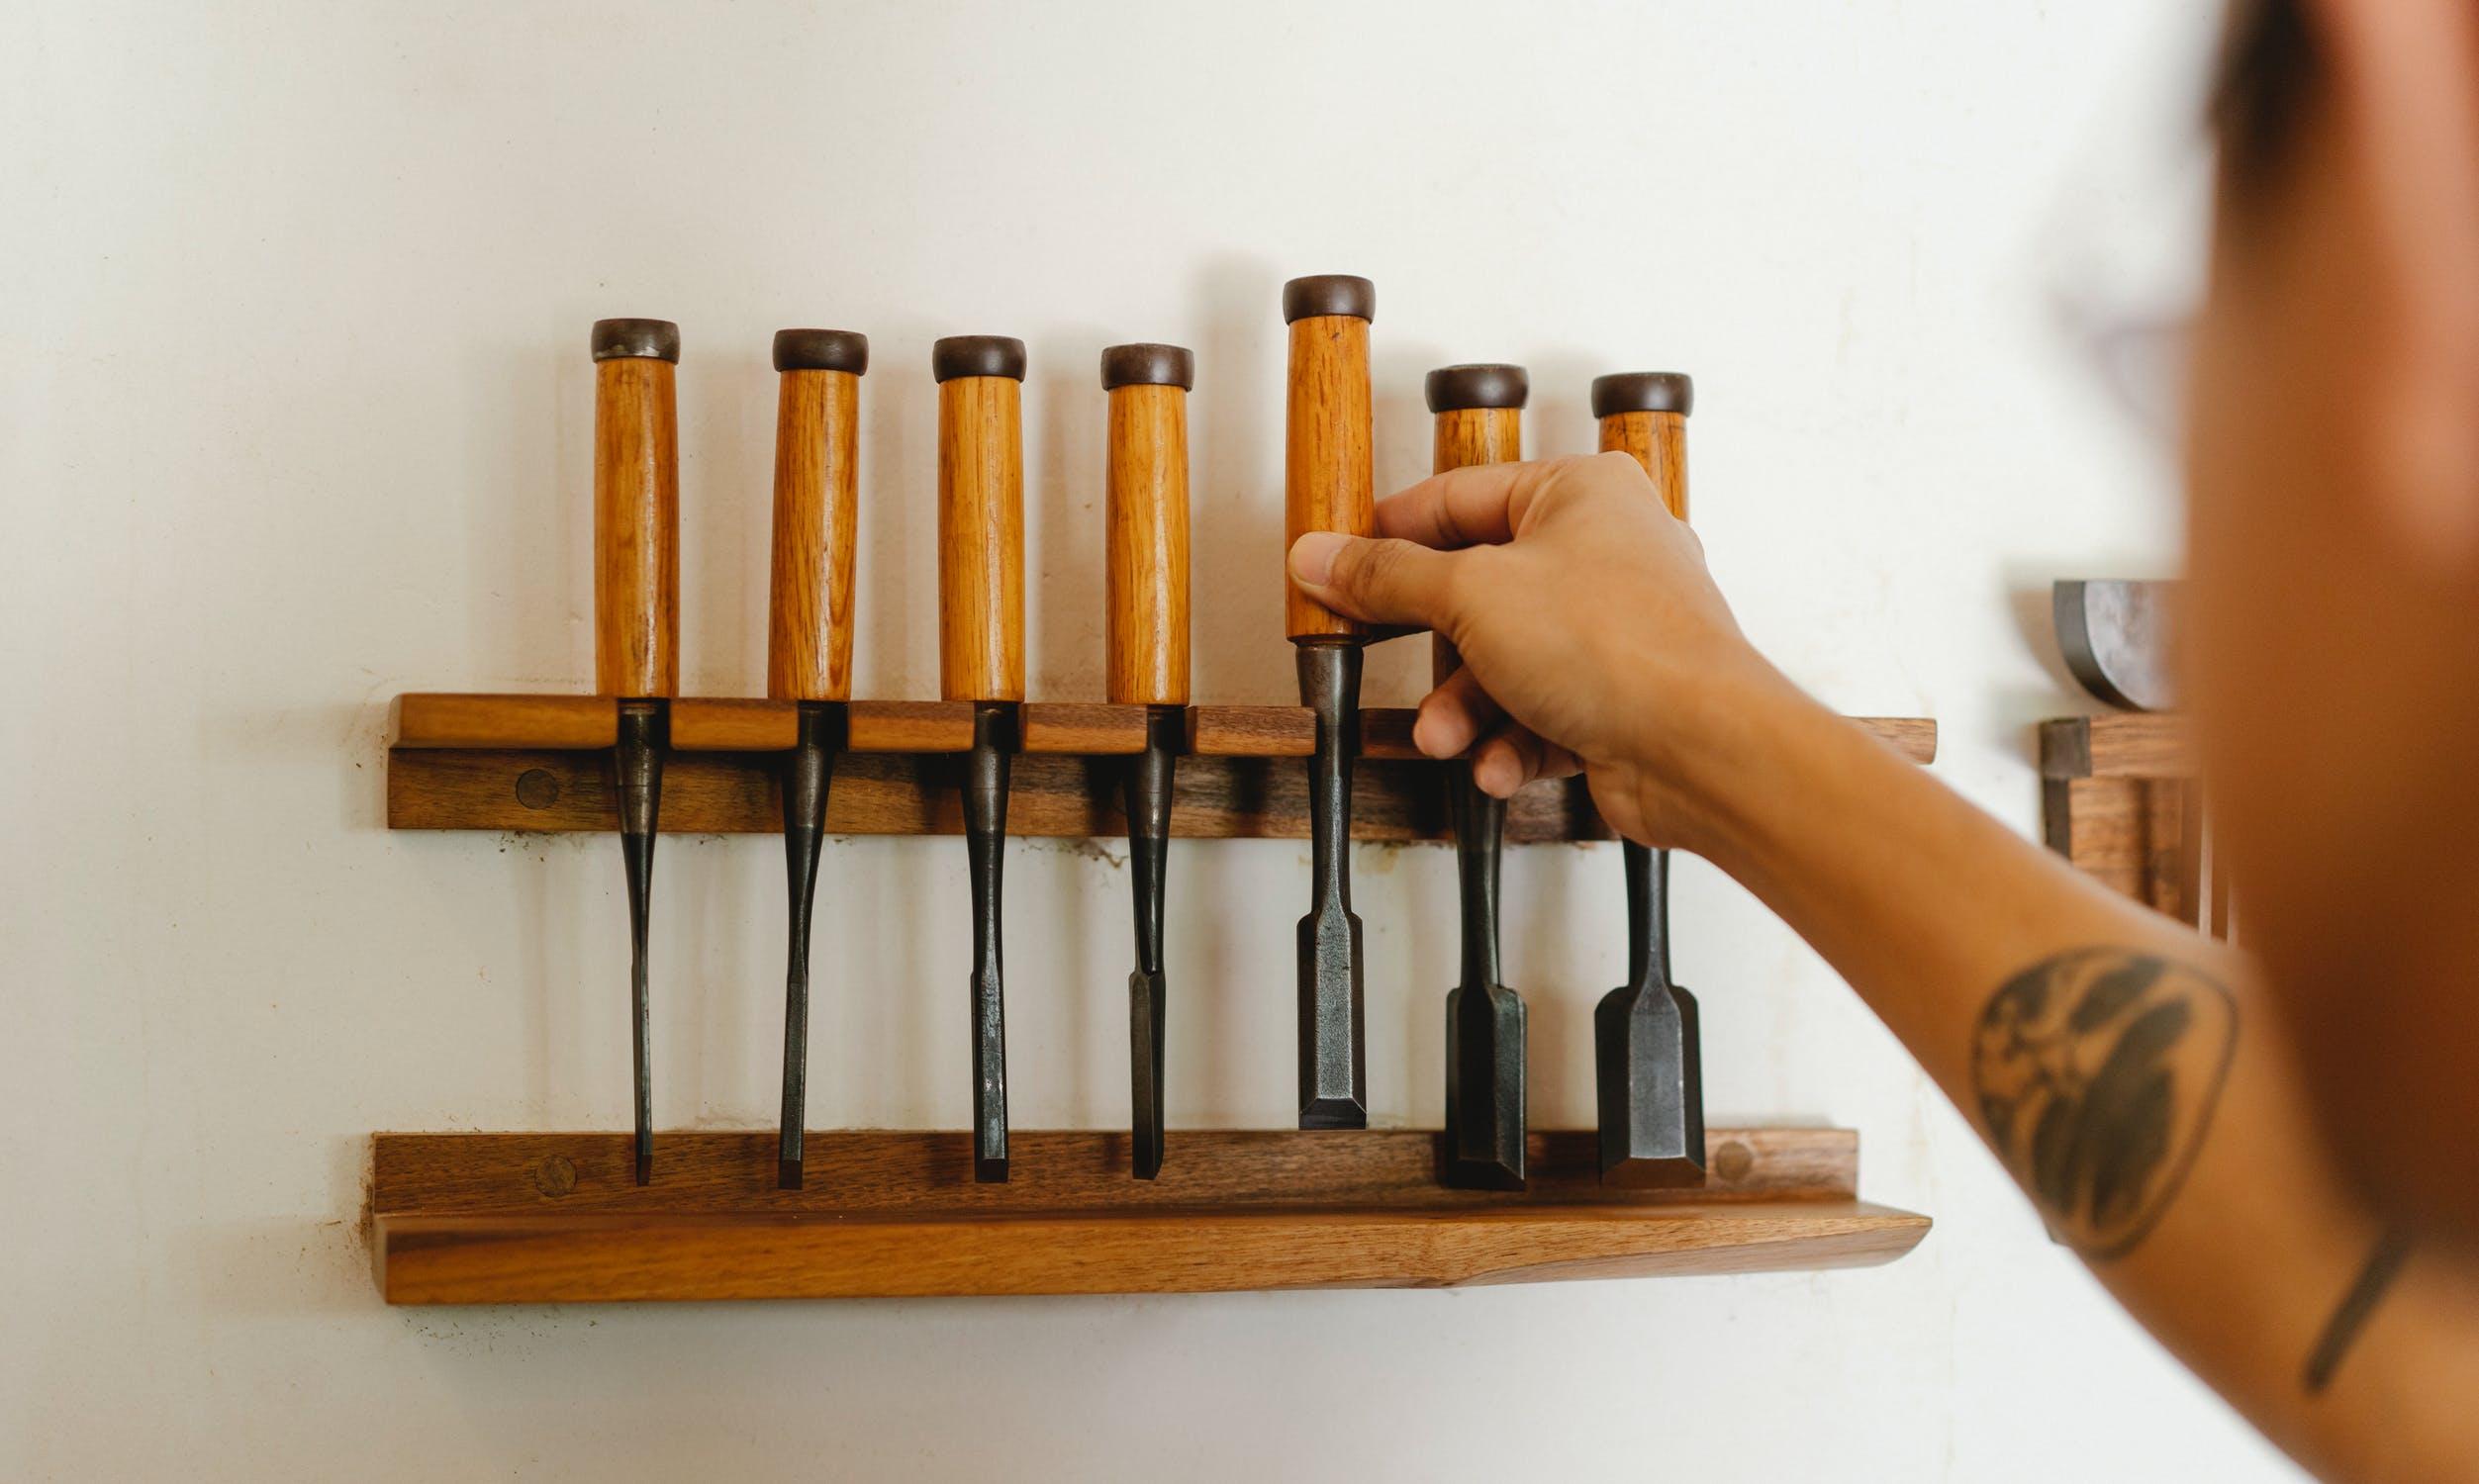 Niezbędne narzędzia do drewna – stwórz własny zestaw!